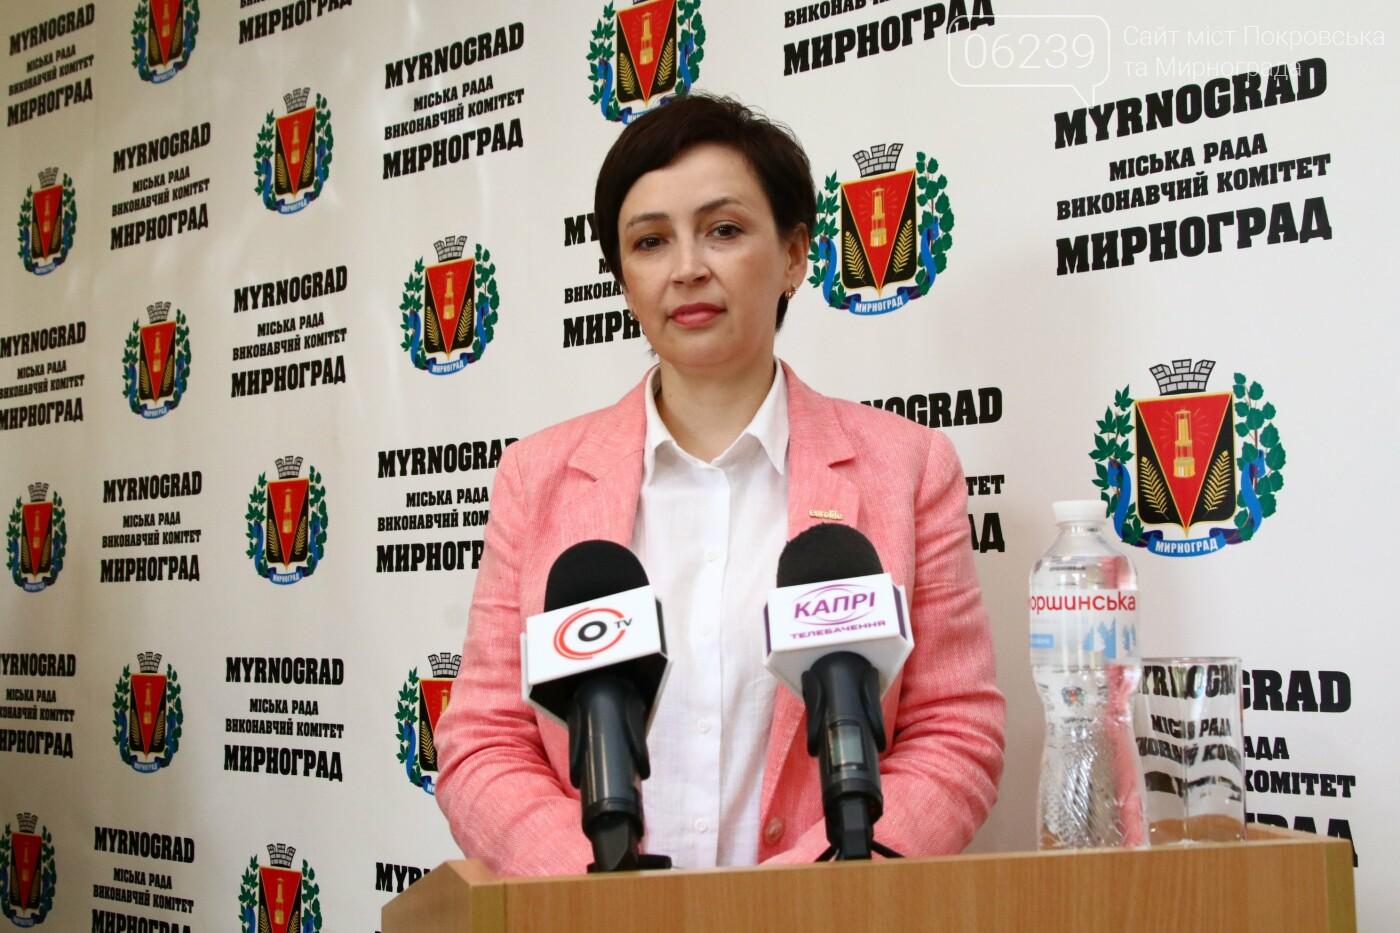 Вопросы благоустройства города и местного бюджета: в Мирнограде состоялась сессия городского совета, фото-13